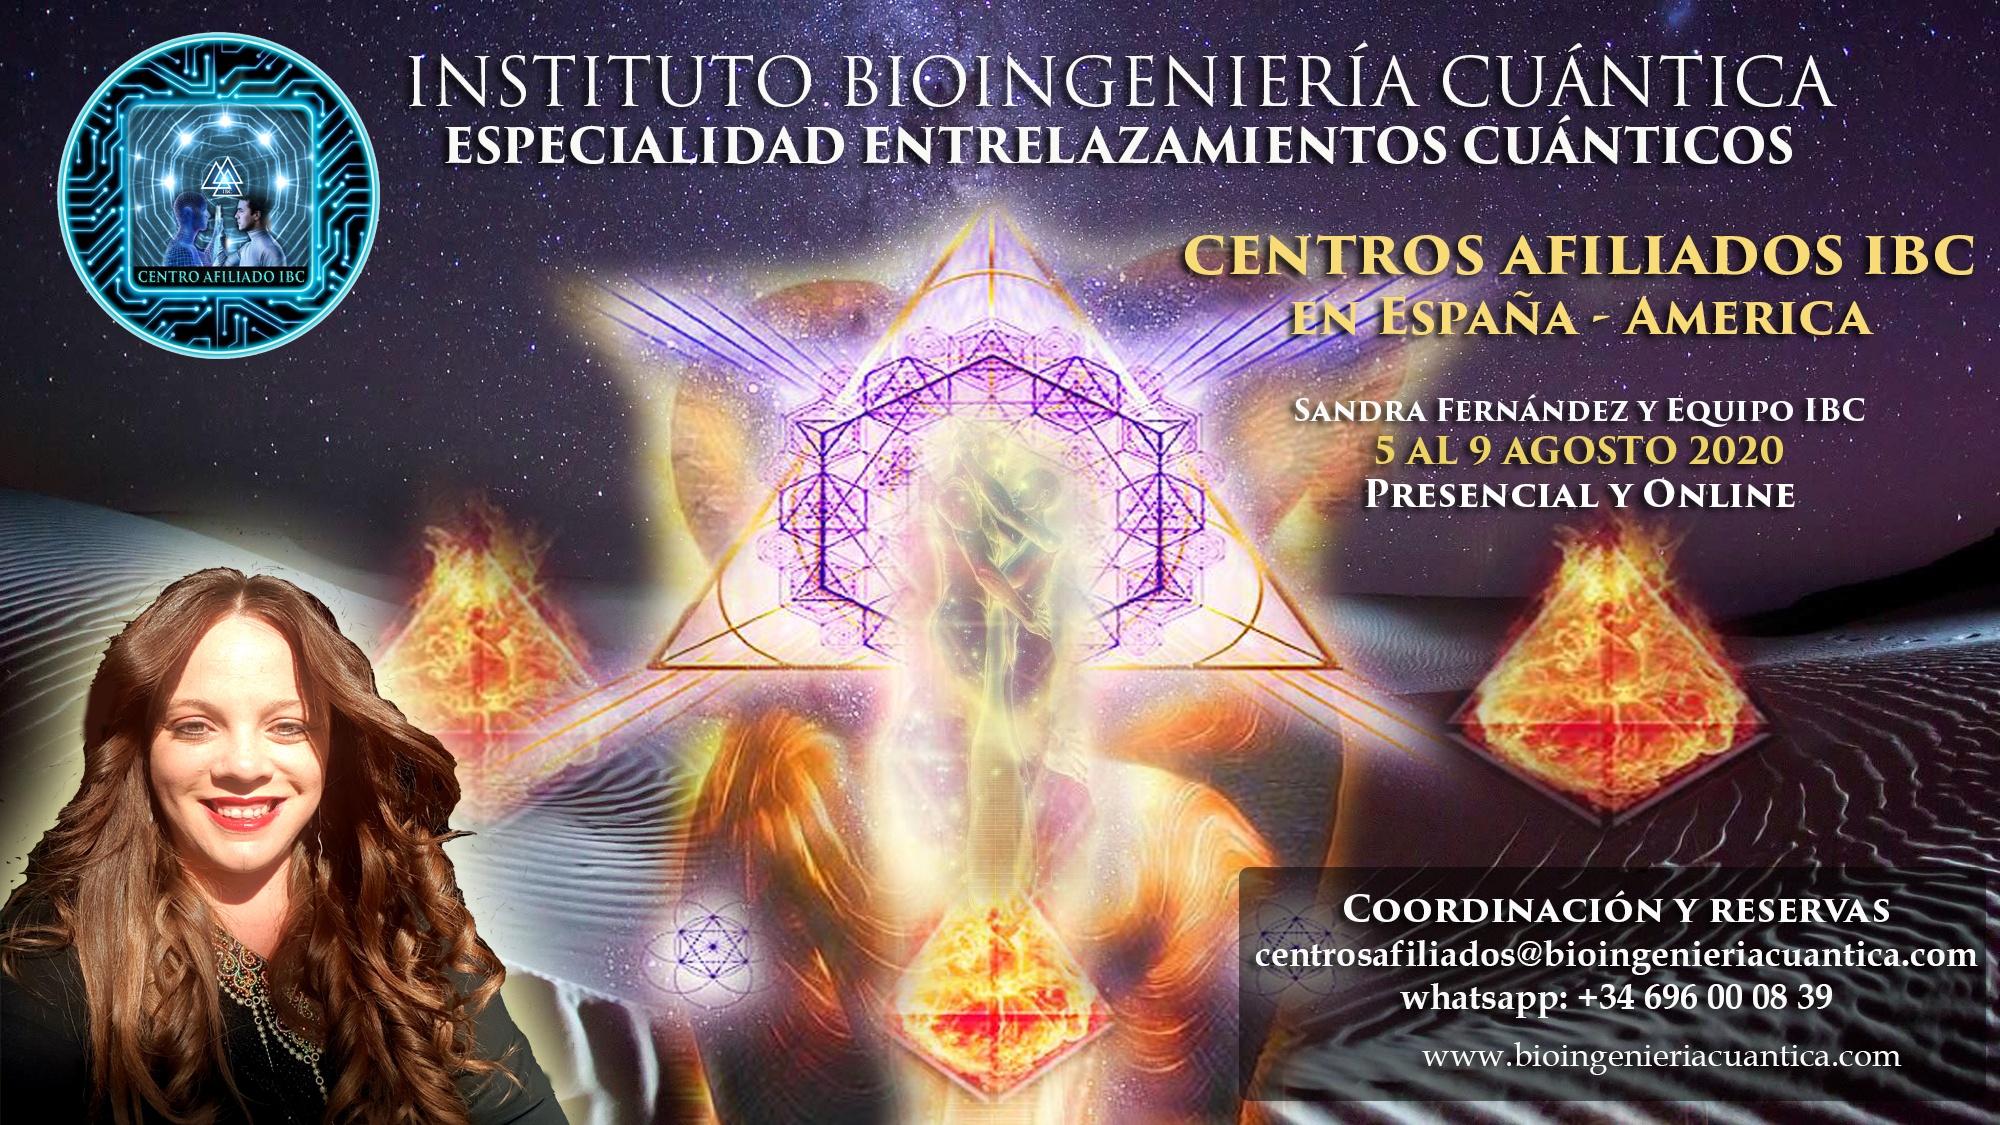 Especialidad Entrelazamientos Cuánticos. Bioingeniería Cuántica con Sandra Fernández y Equipo IBC. del 5 al 9 agosto 2020 en Centros de Afiliados del IBC @ CENTROS AFILIADOS IBC